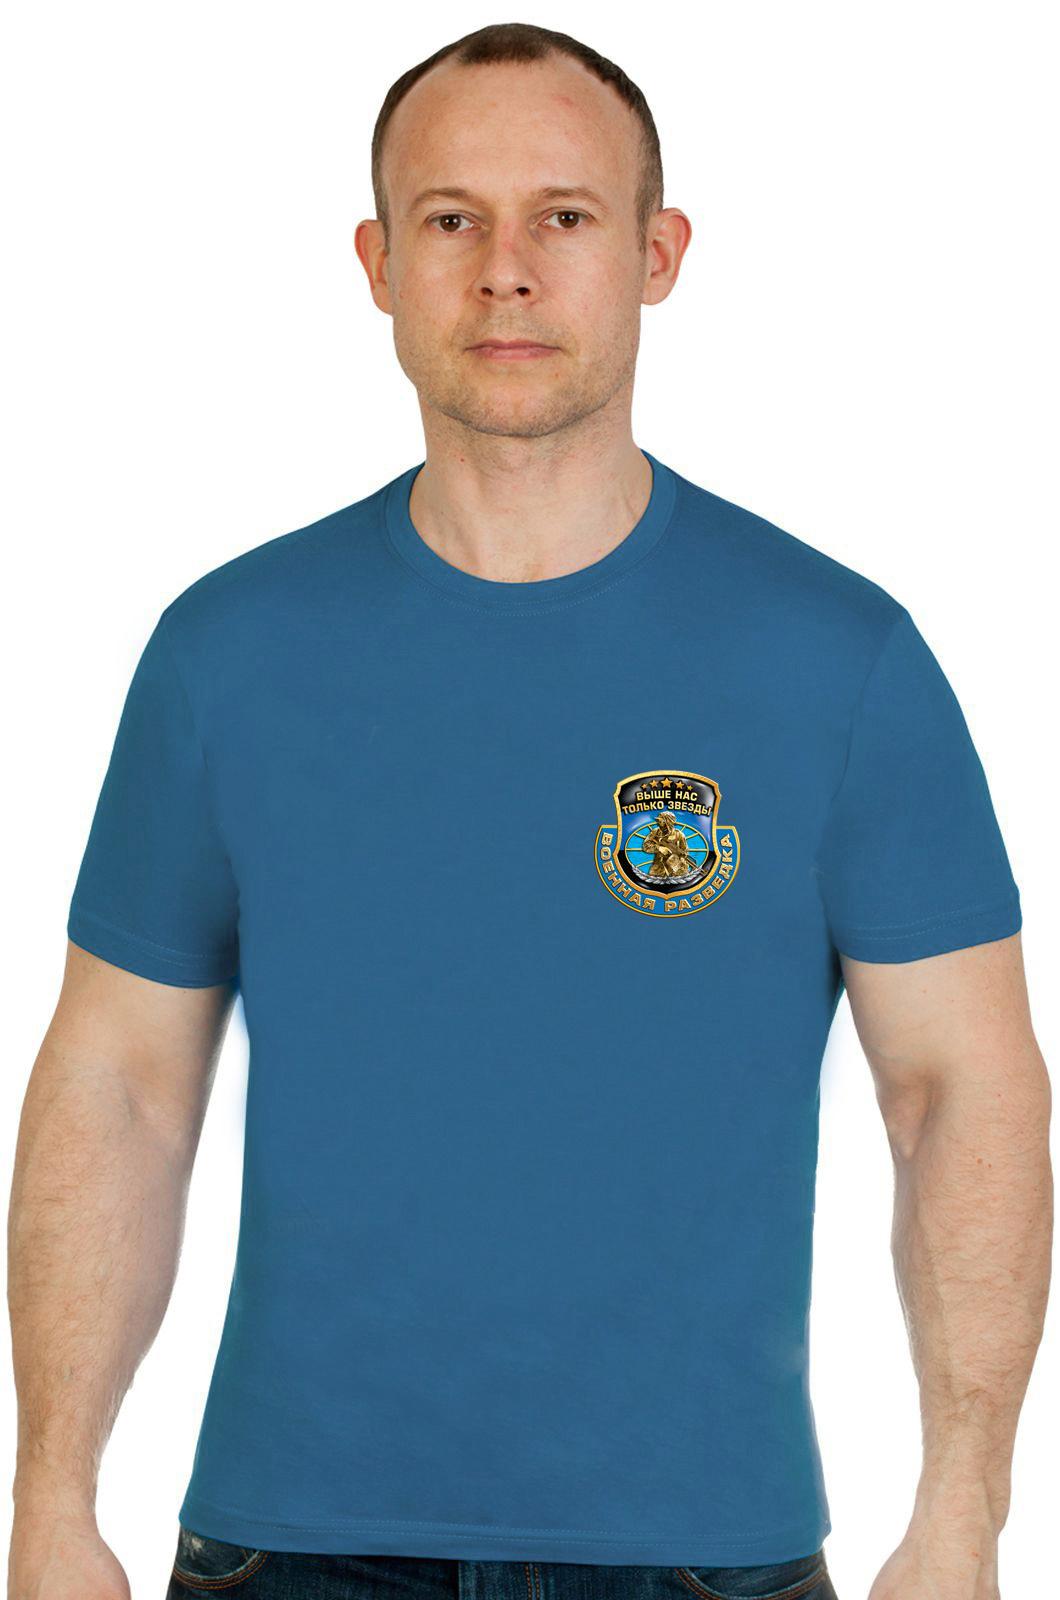 Заказать уникальнейшую военную футболку для разведчика по лояльной цене